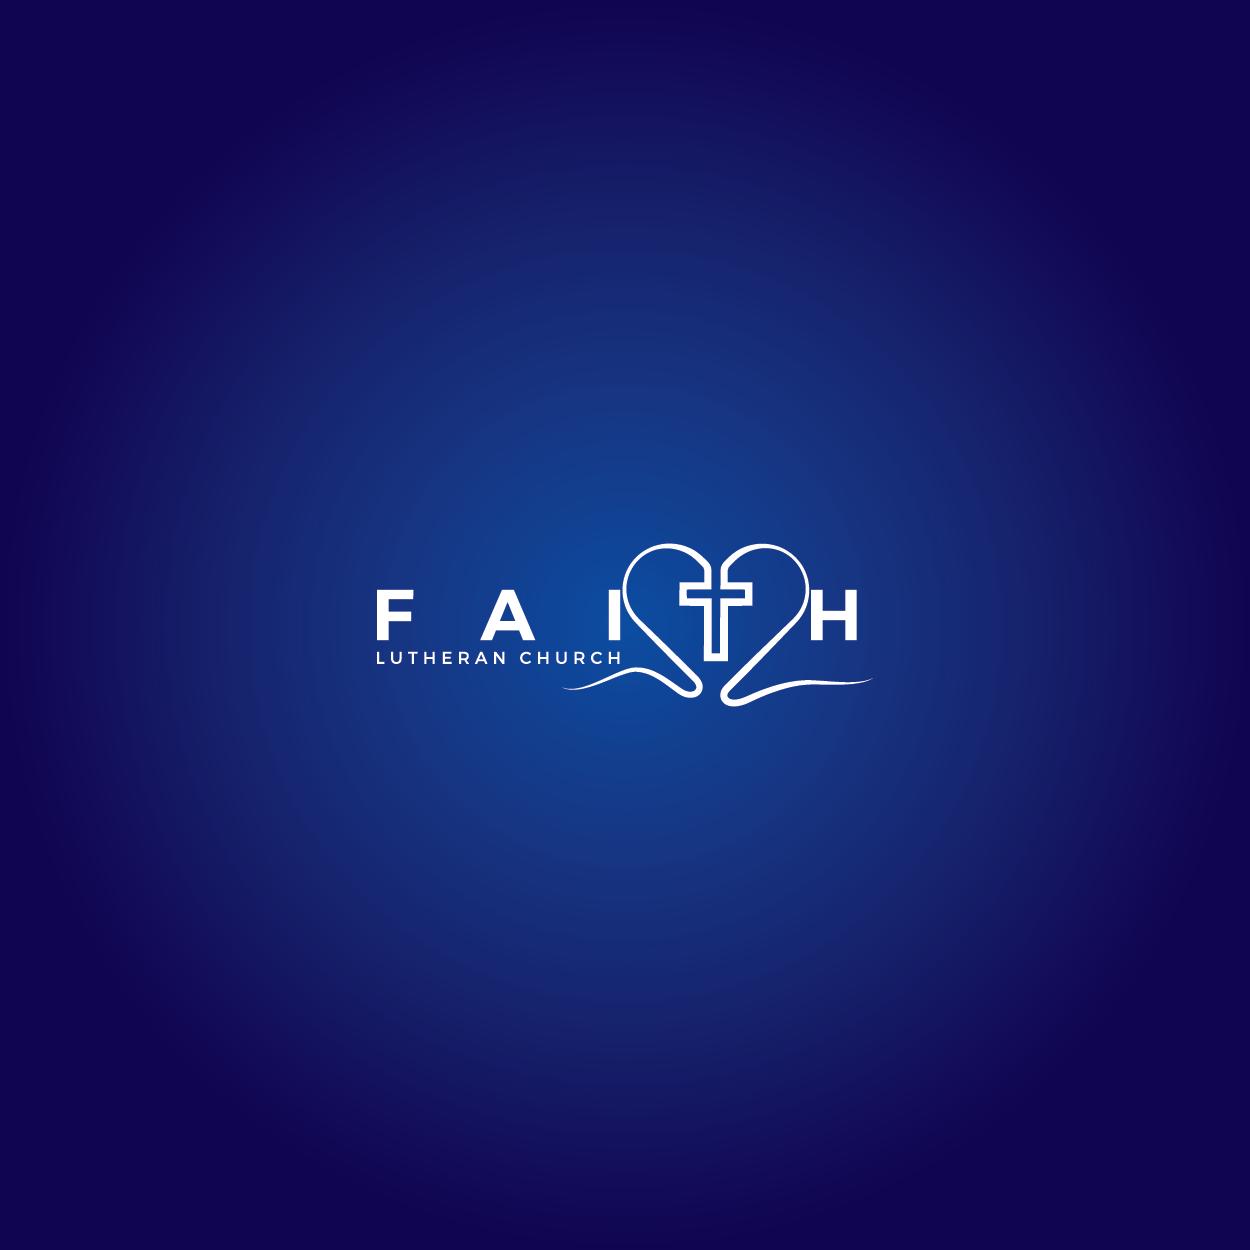 Logo Design by 354studio - Entry No. 89 in the Logo Design Contest Logo Design for Faith Lutheran Church.